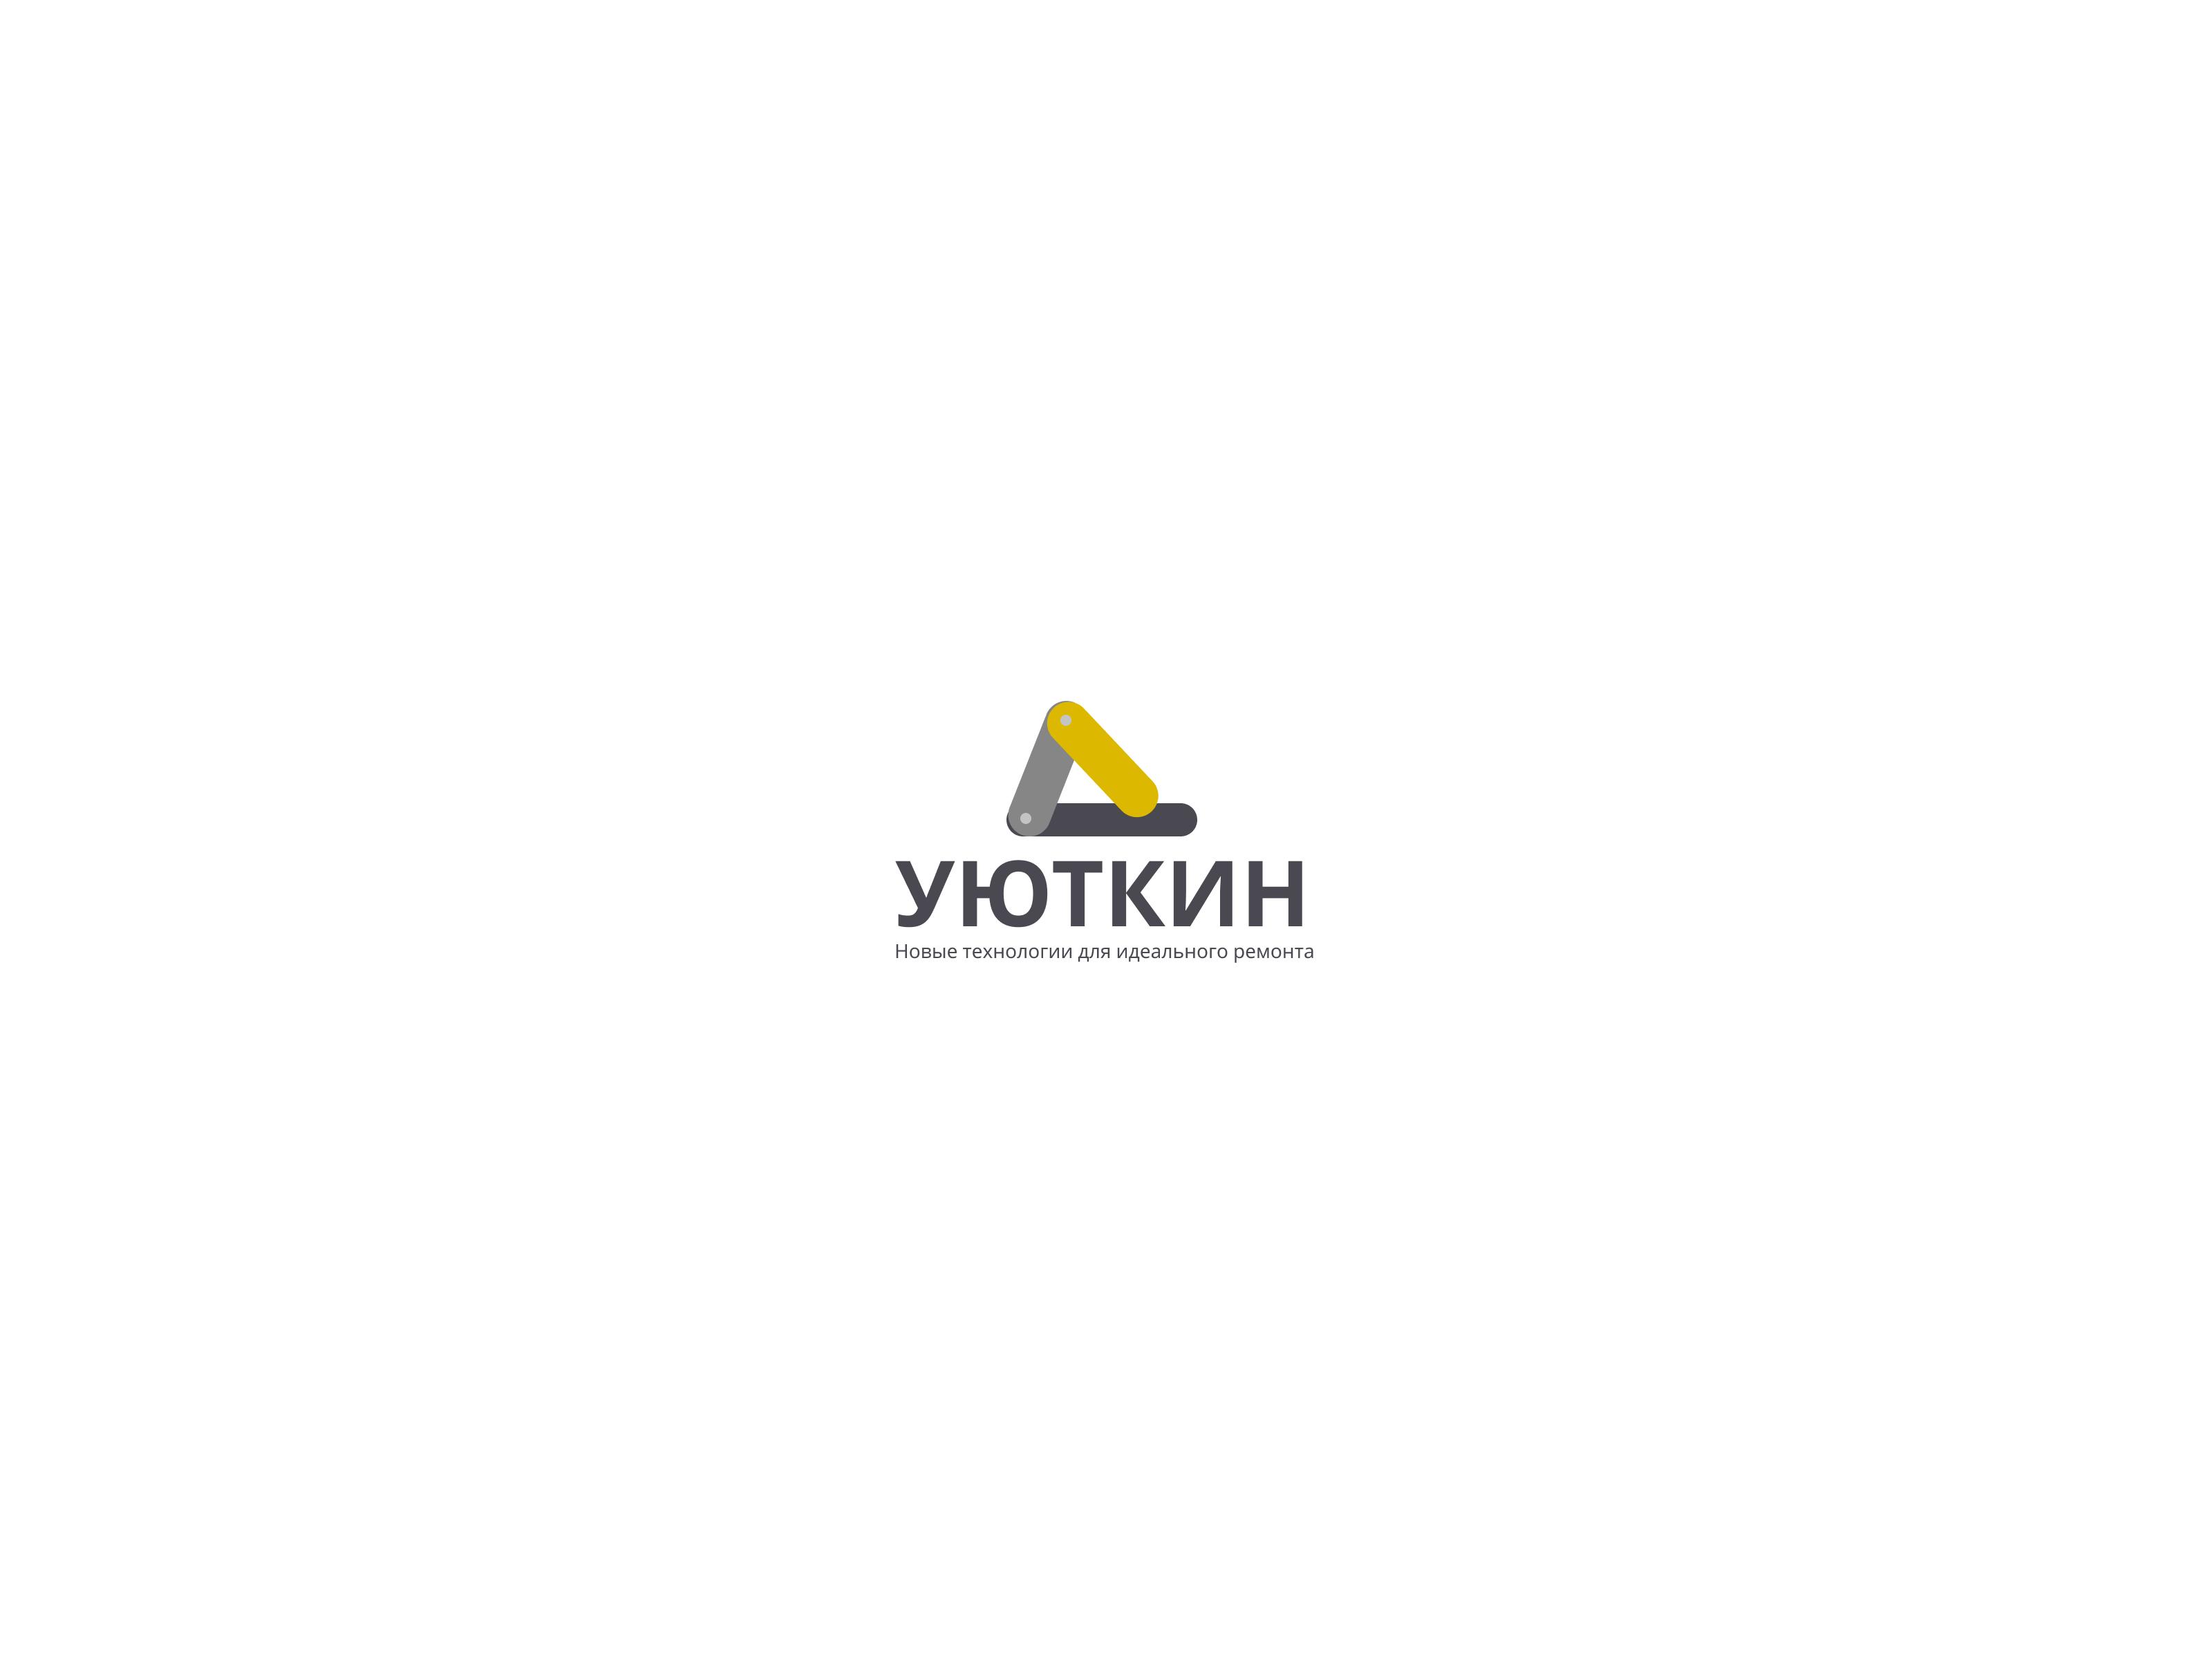 Создание логотипа и стиля сайта фото f_3755c62972131e81.png